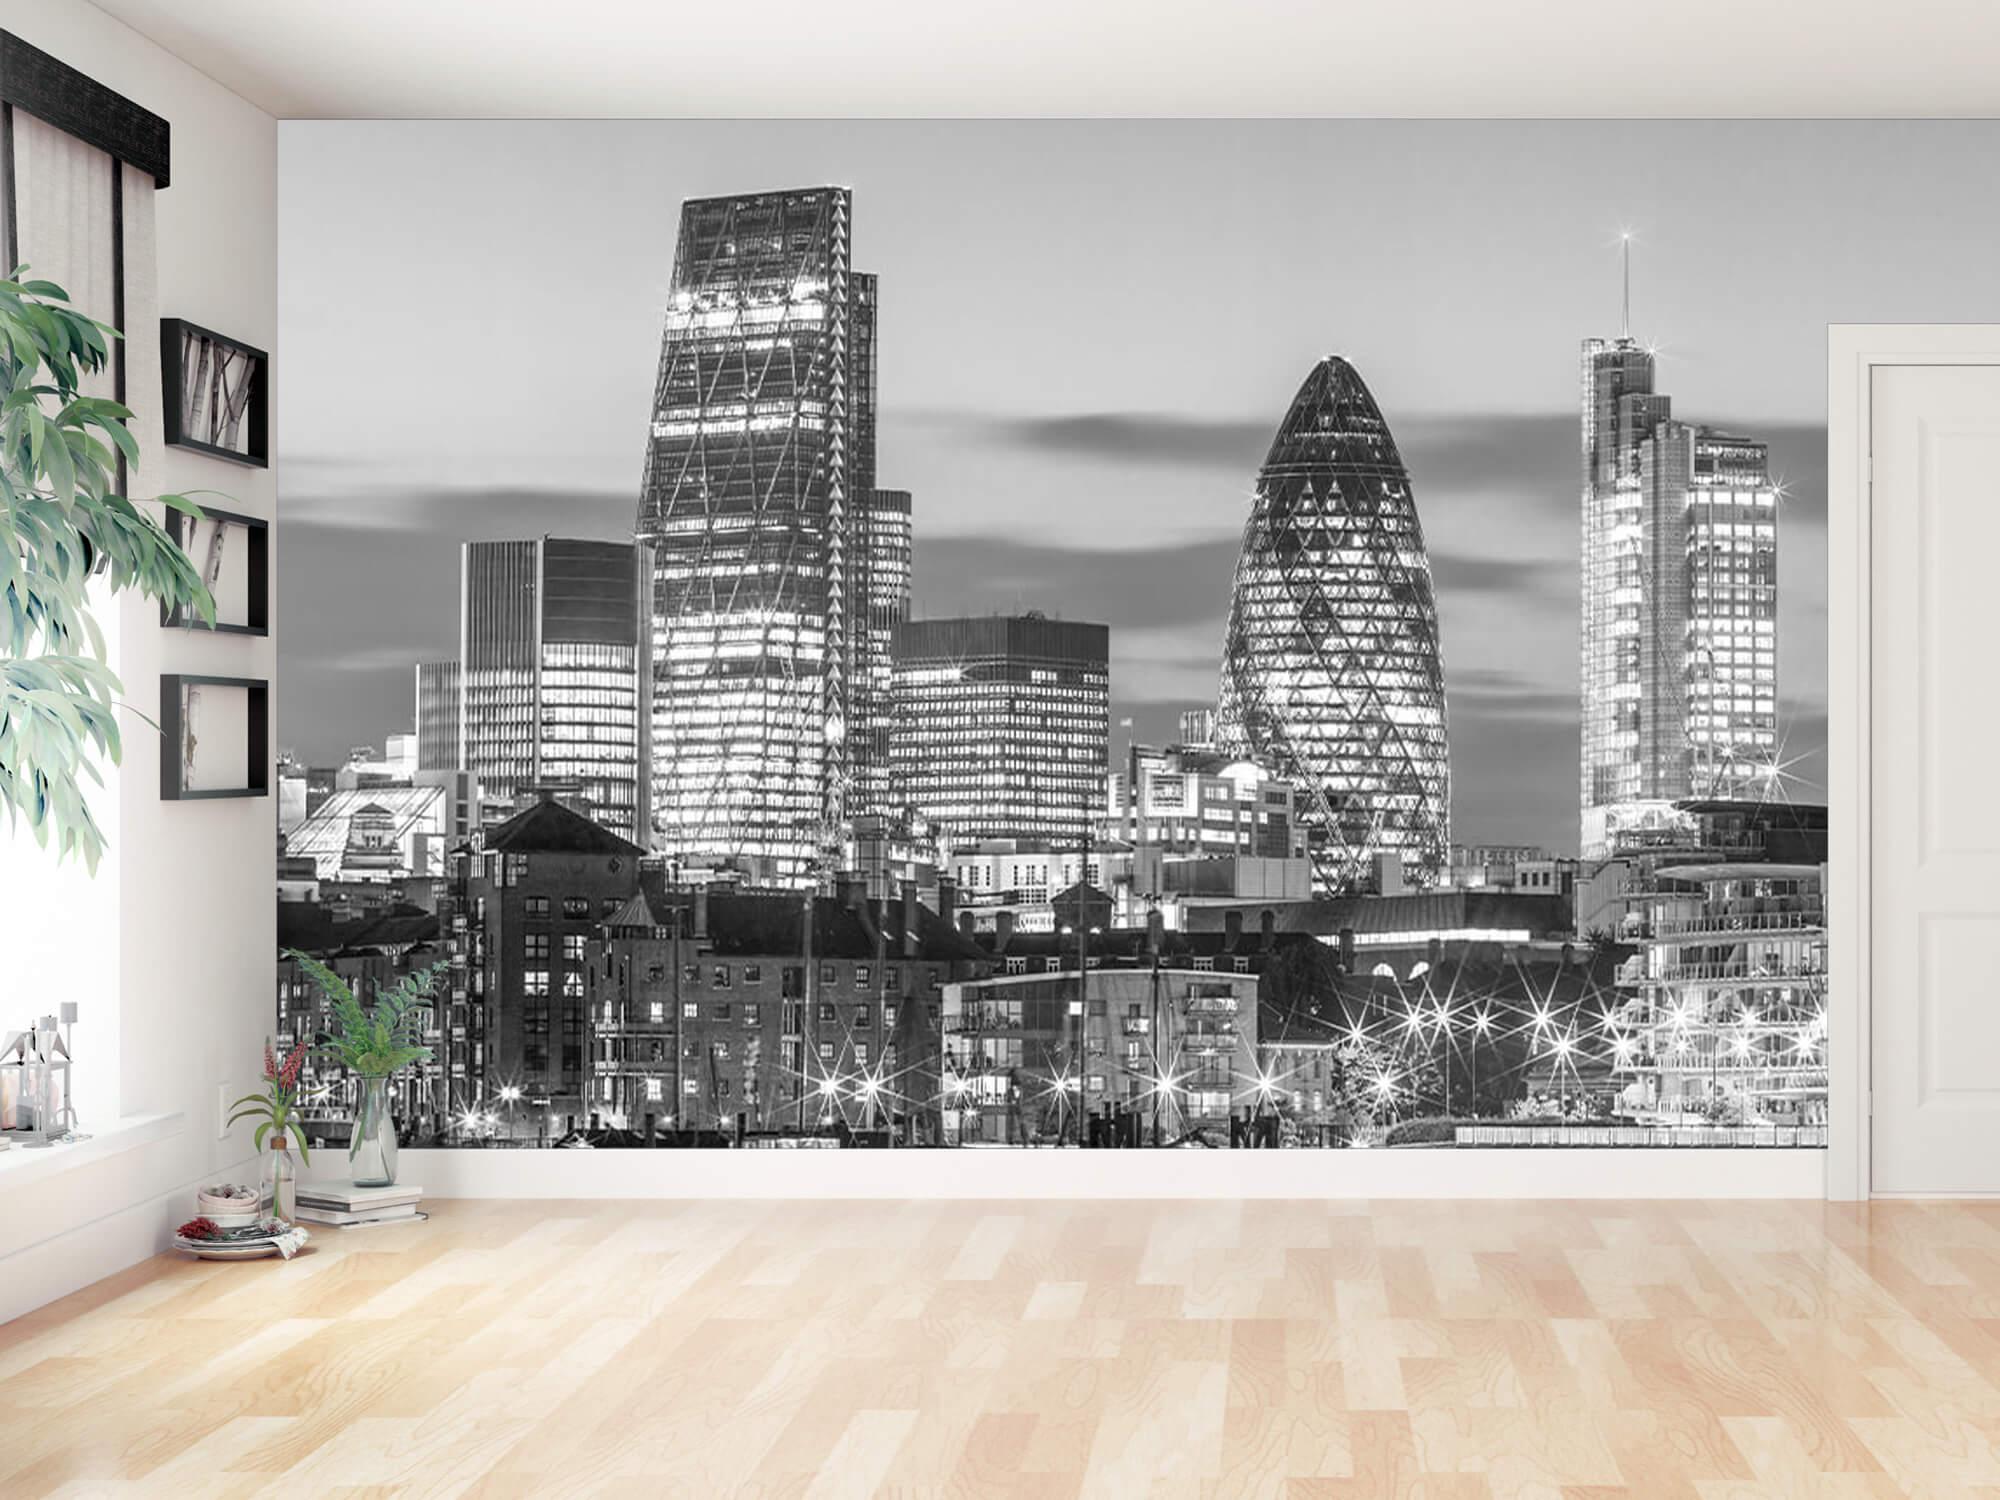 Londen skyline 13